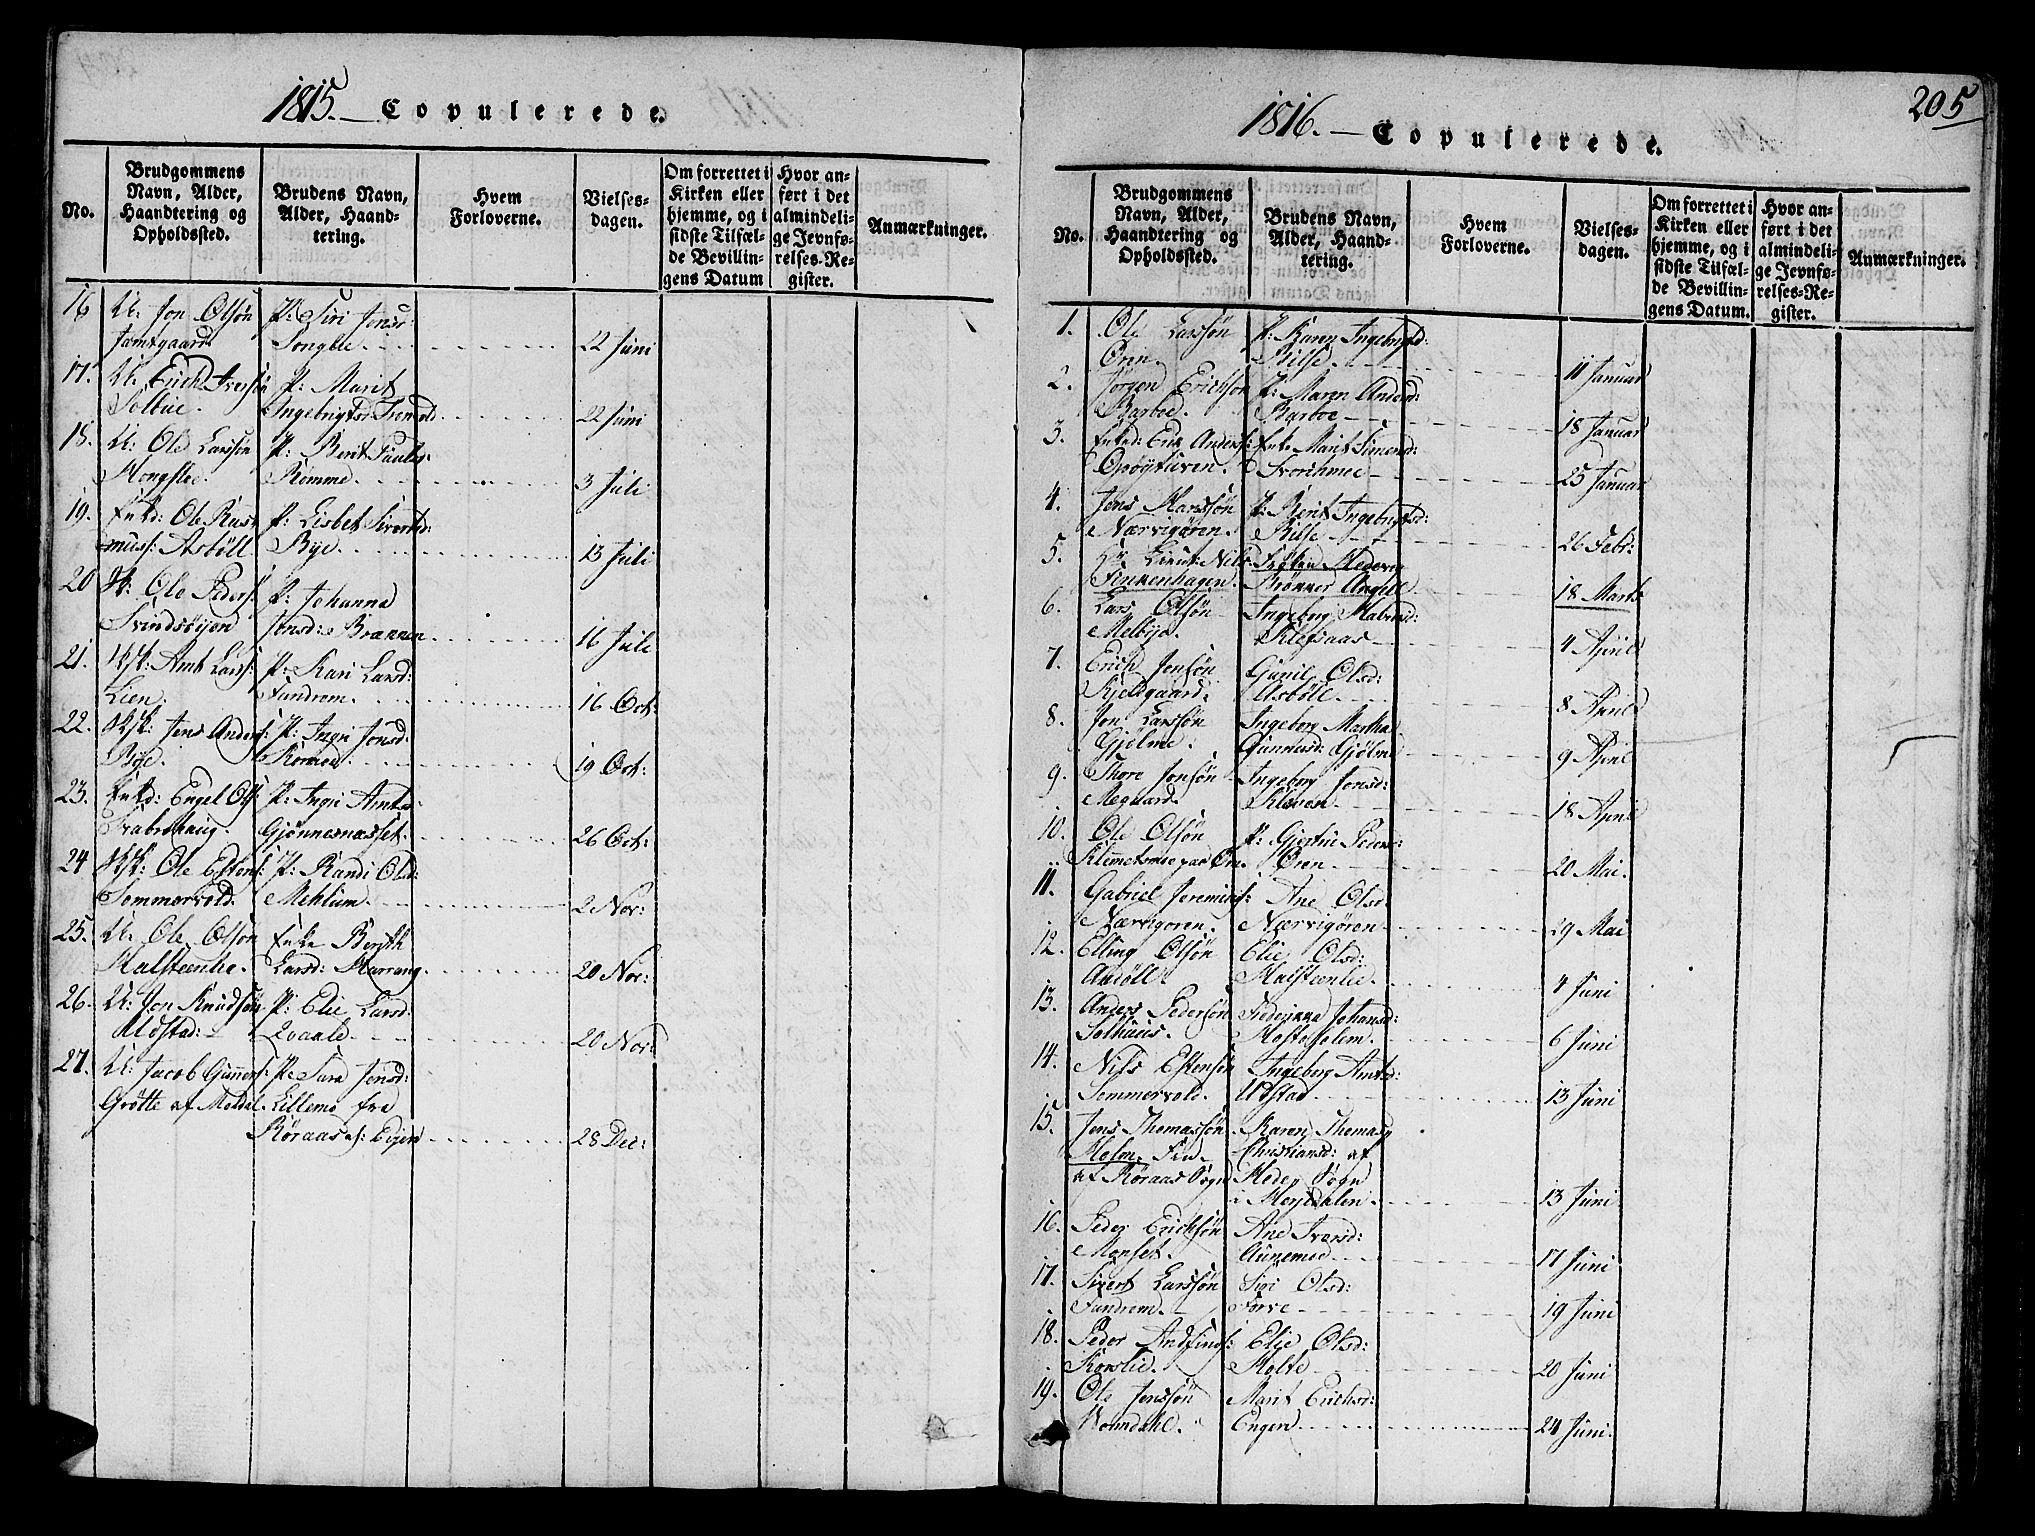 SAT, Ministerialprotokoller, klokkerbøker og fødselsregistre - Sør-Trøndelag, 668/L0803: Ministerialbok nr. 668A03, 1800-1826, s. 205